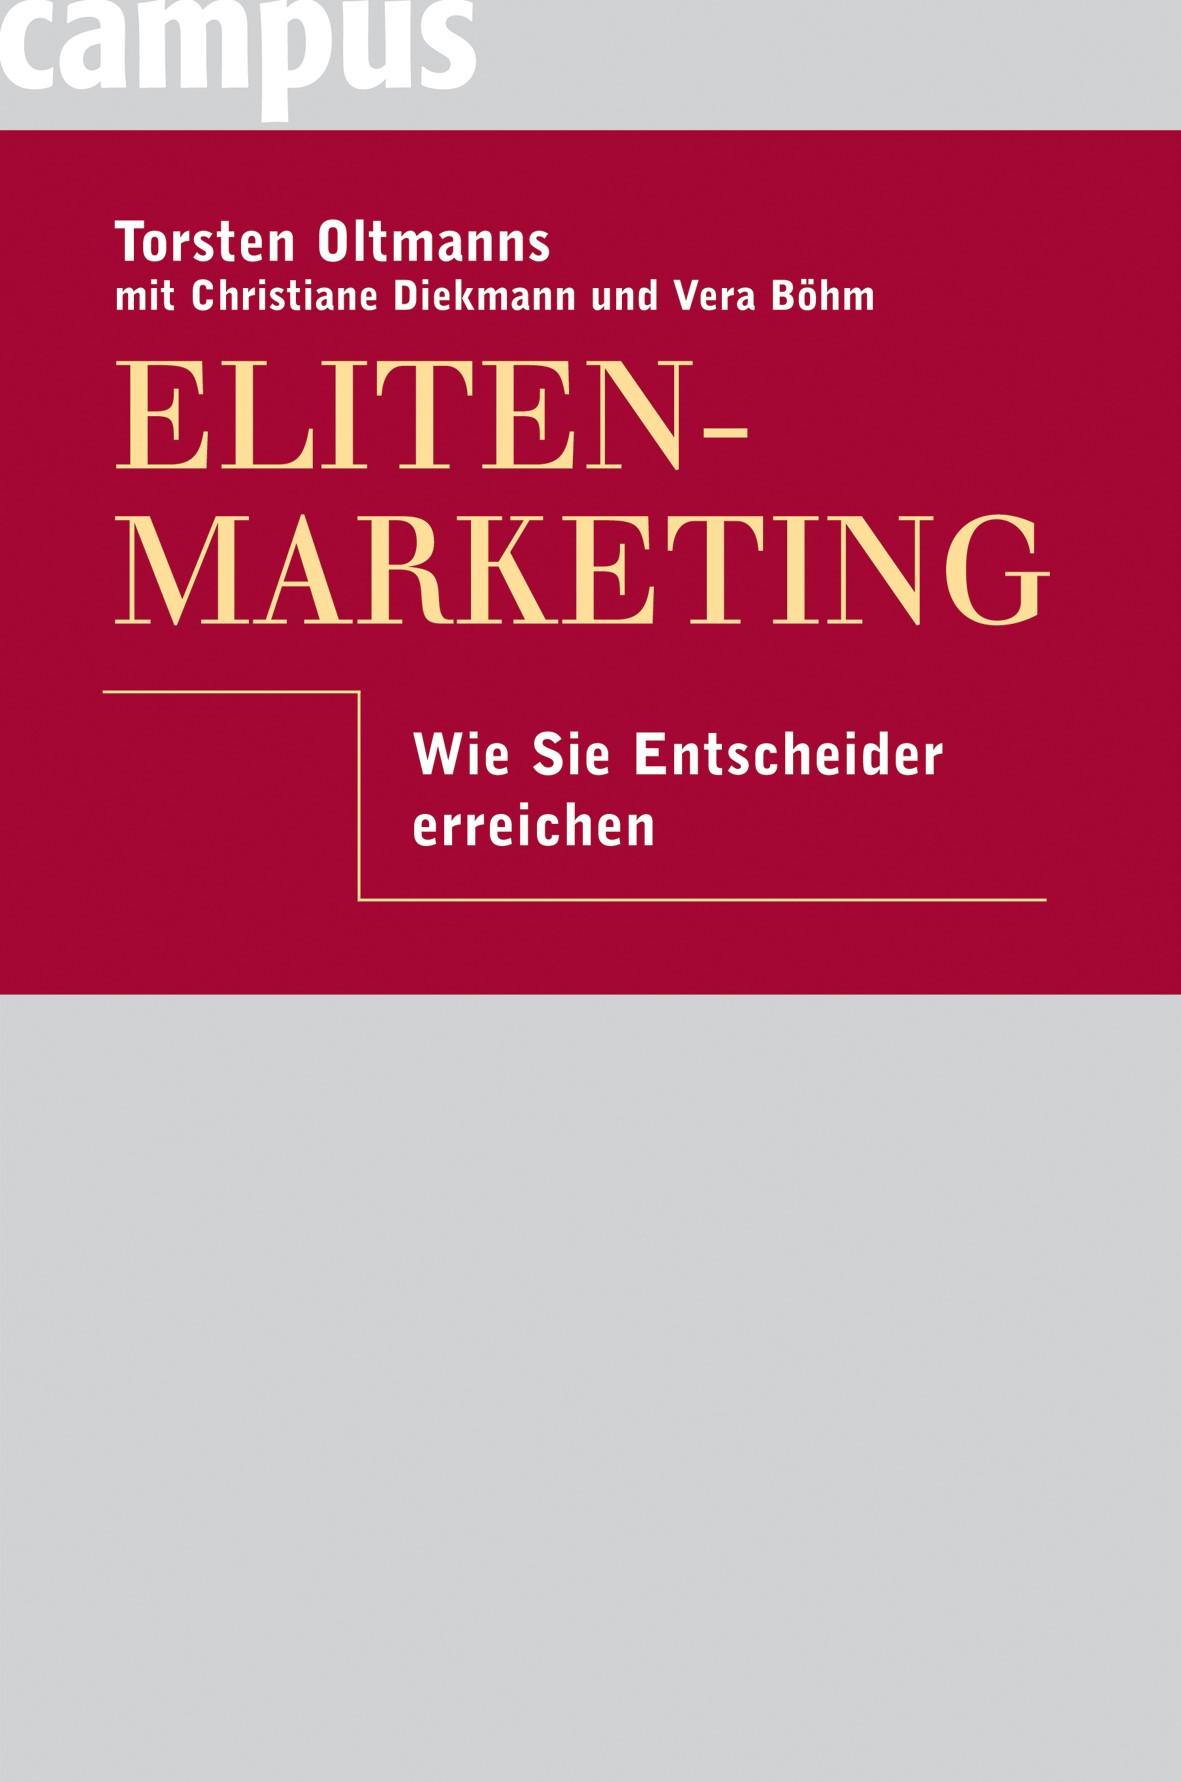 Eliten-Marketing | Oltmanns, 2008 | Buch (Cover)